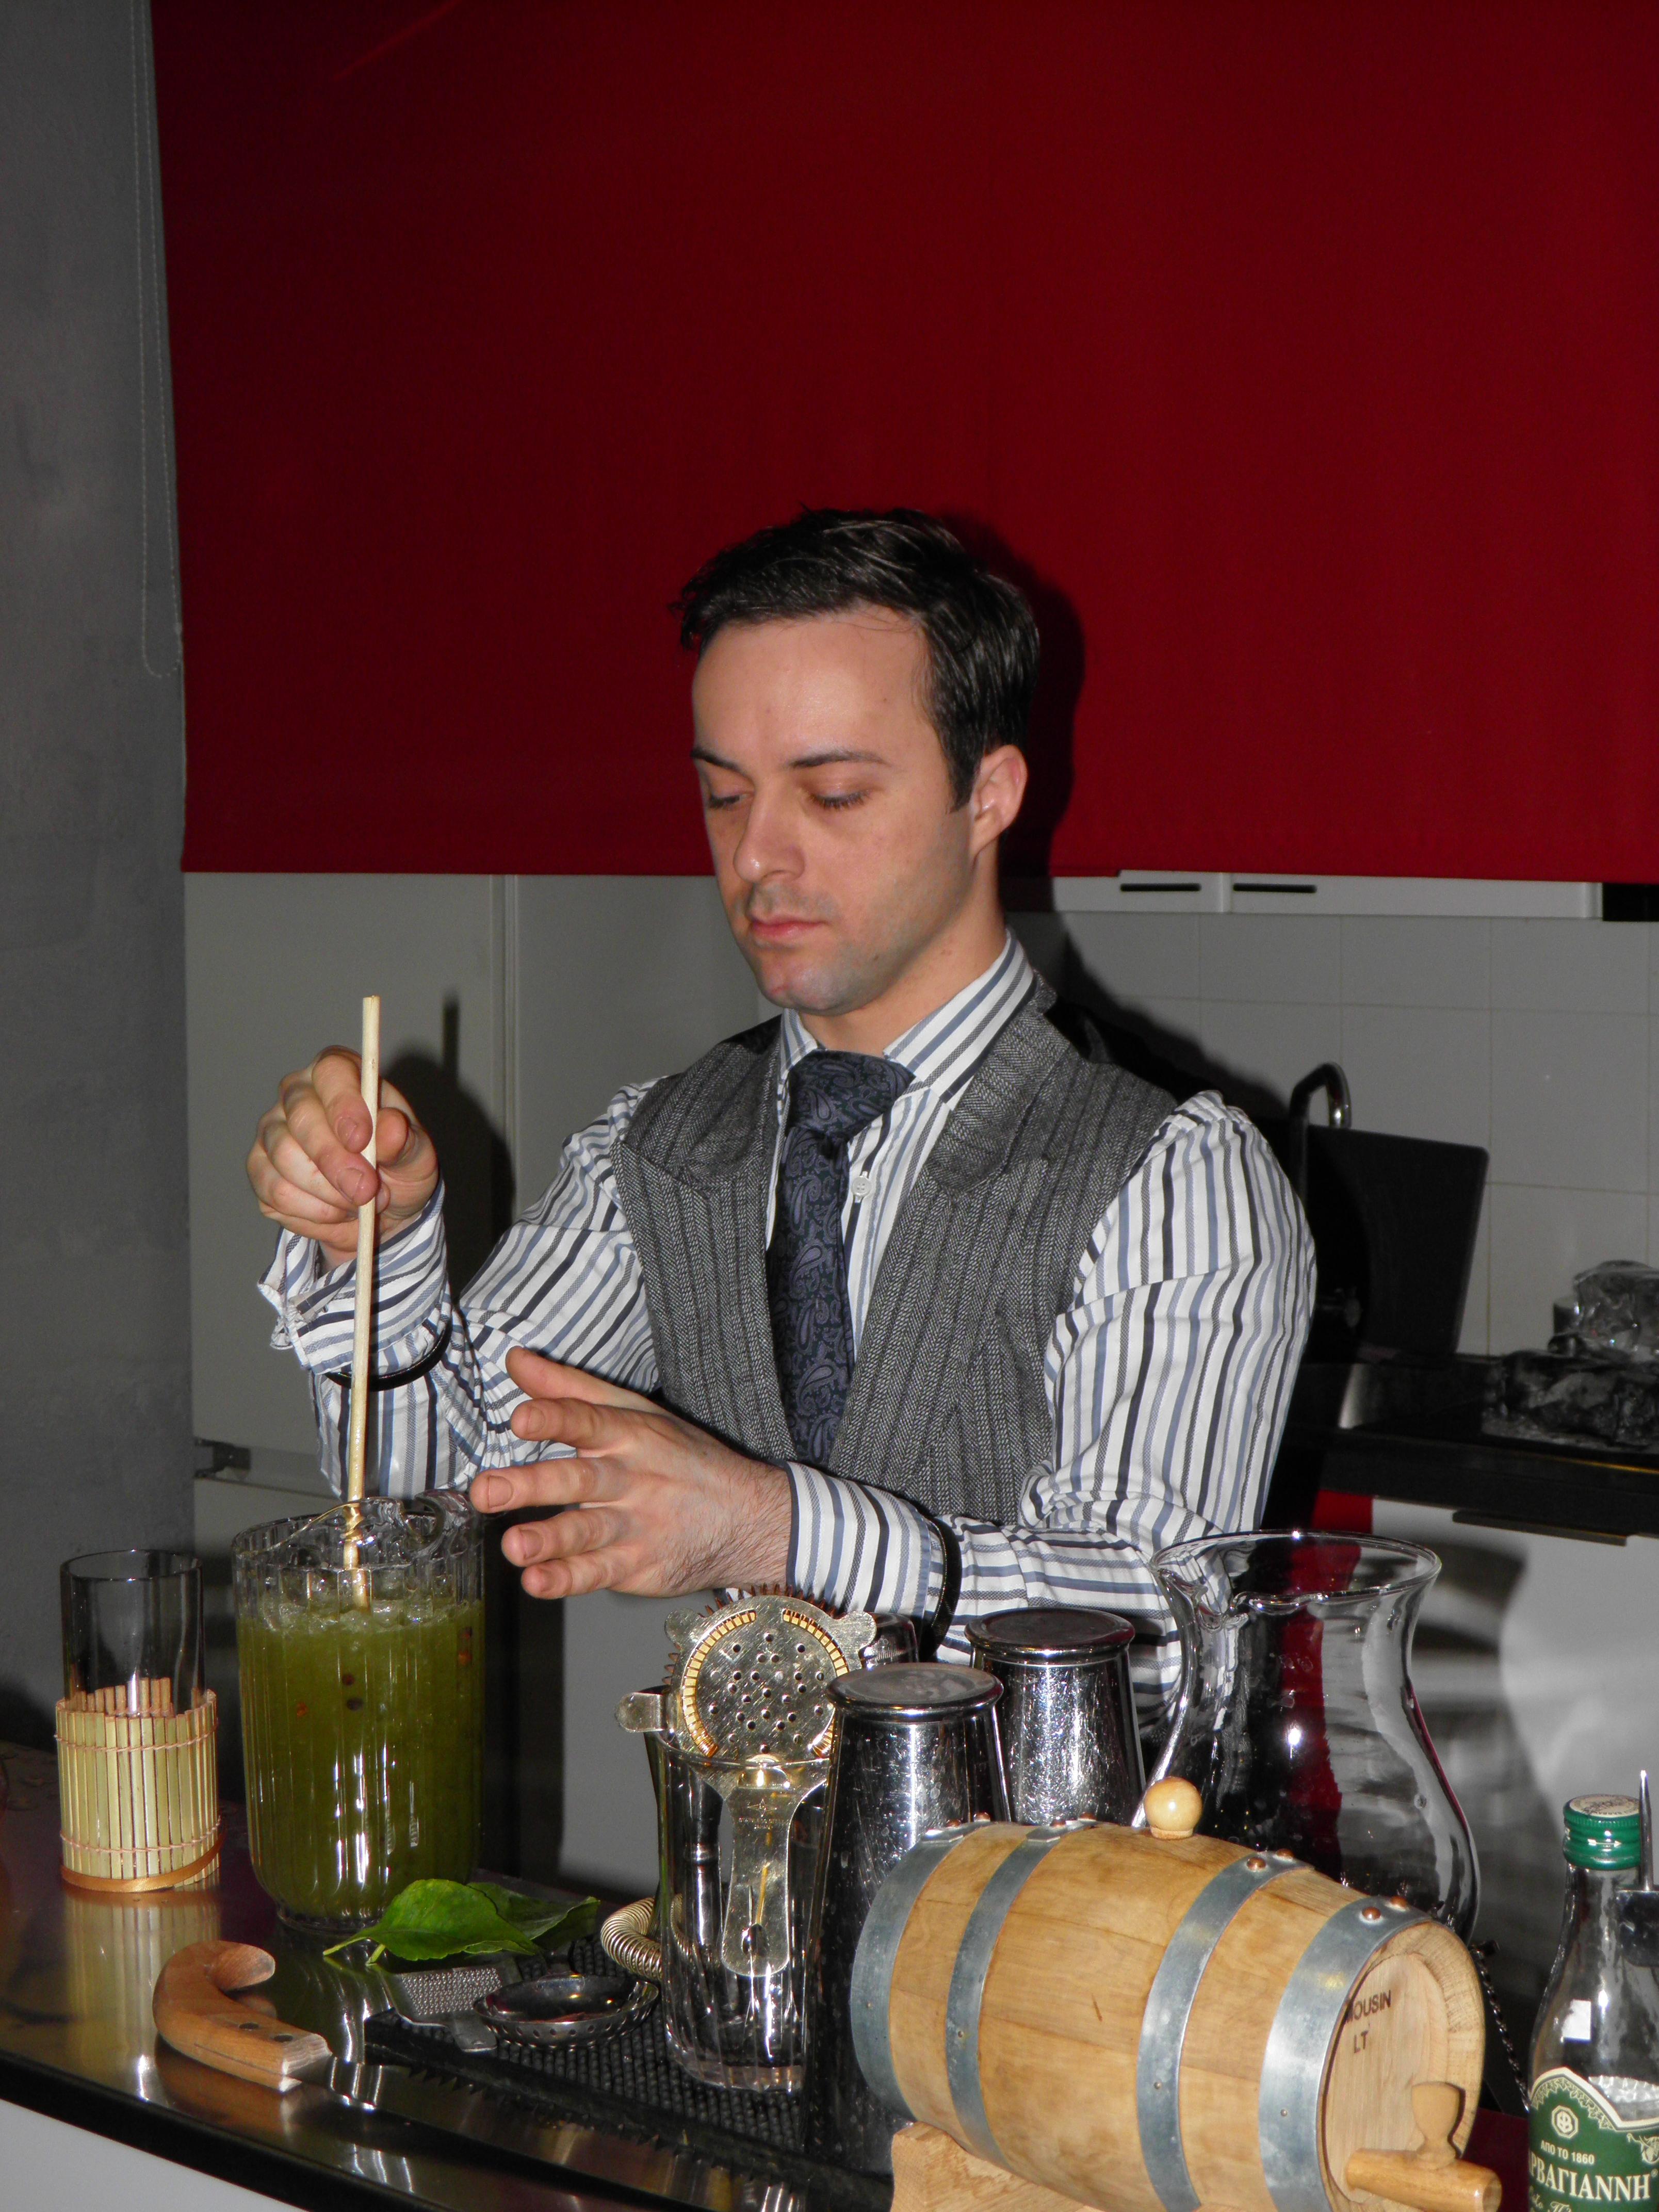 corso barman roma - corso mixology